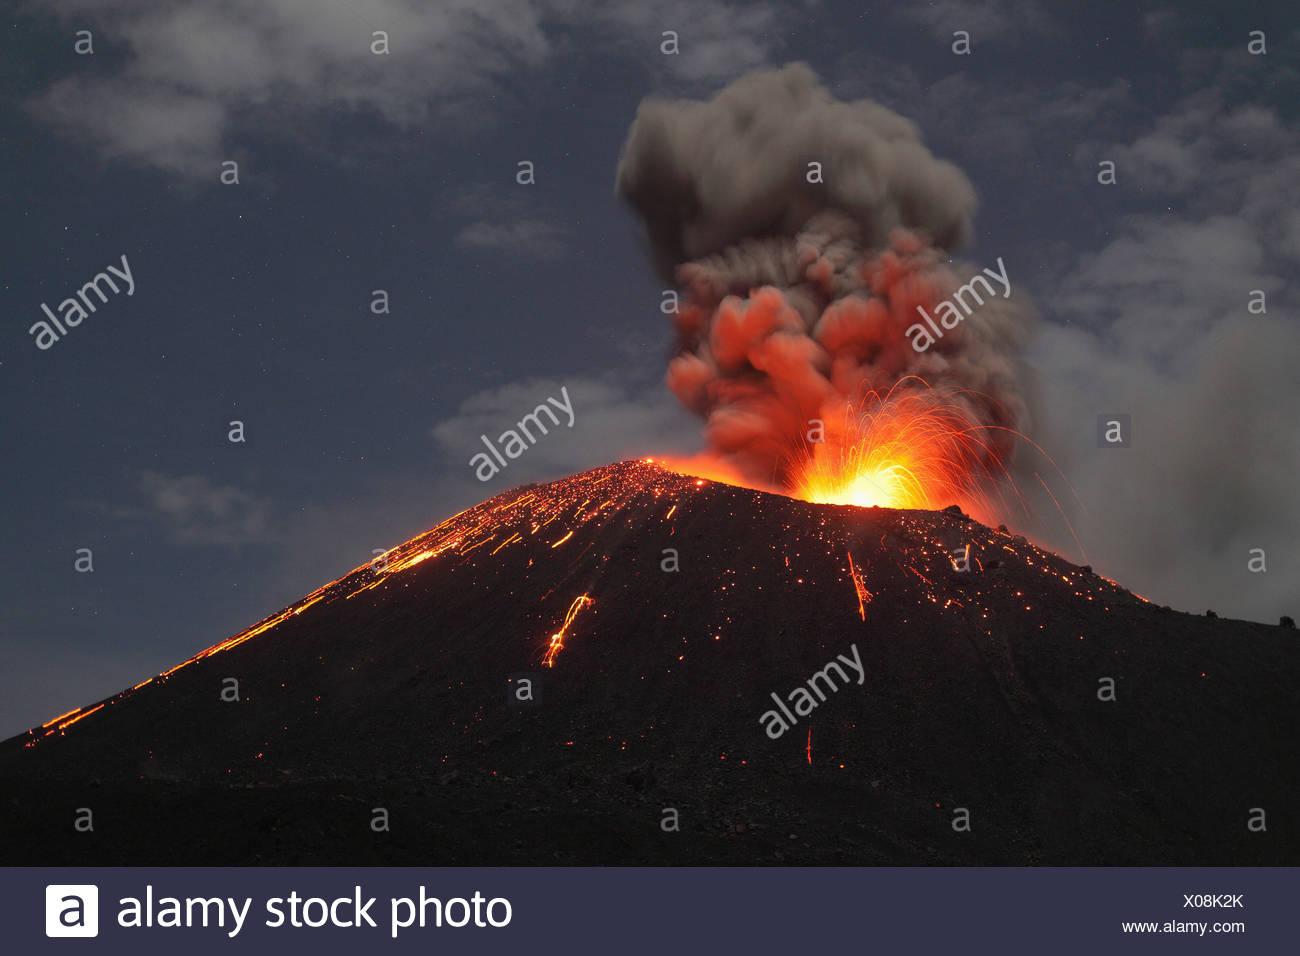 Indonesia, Sumatra, Krakatoa volcano erupting - Stock Image